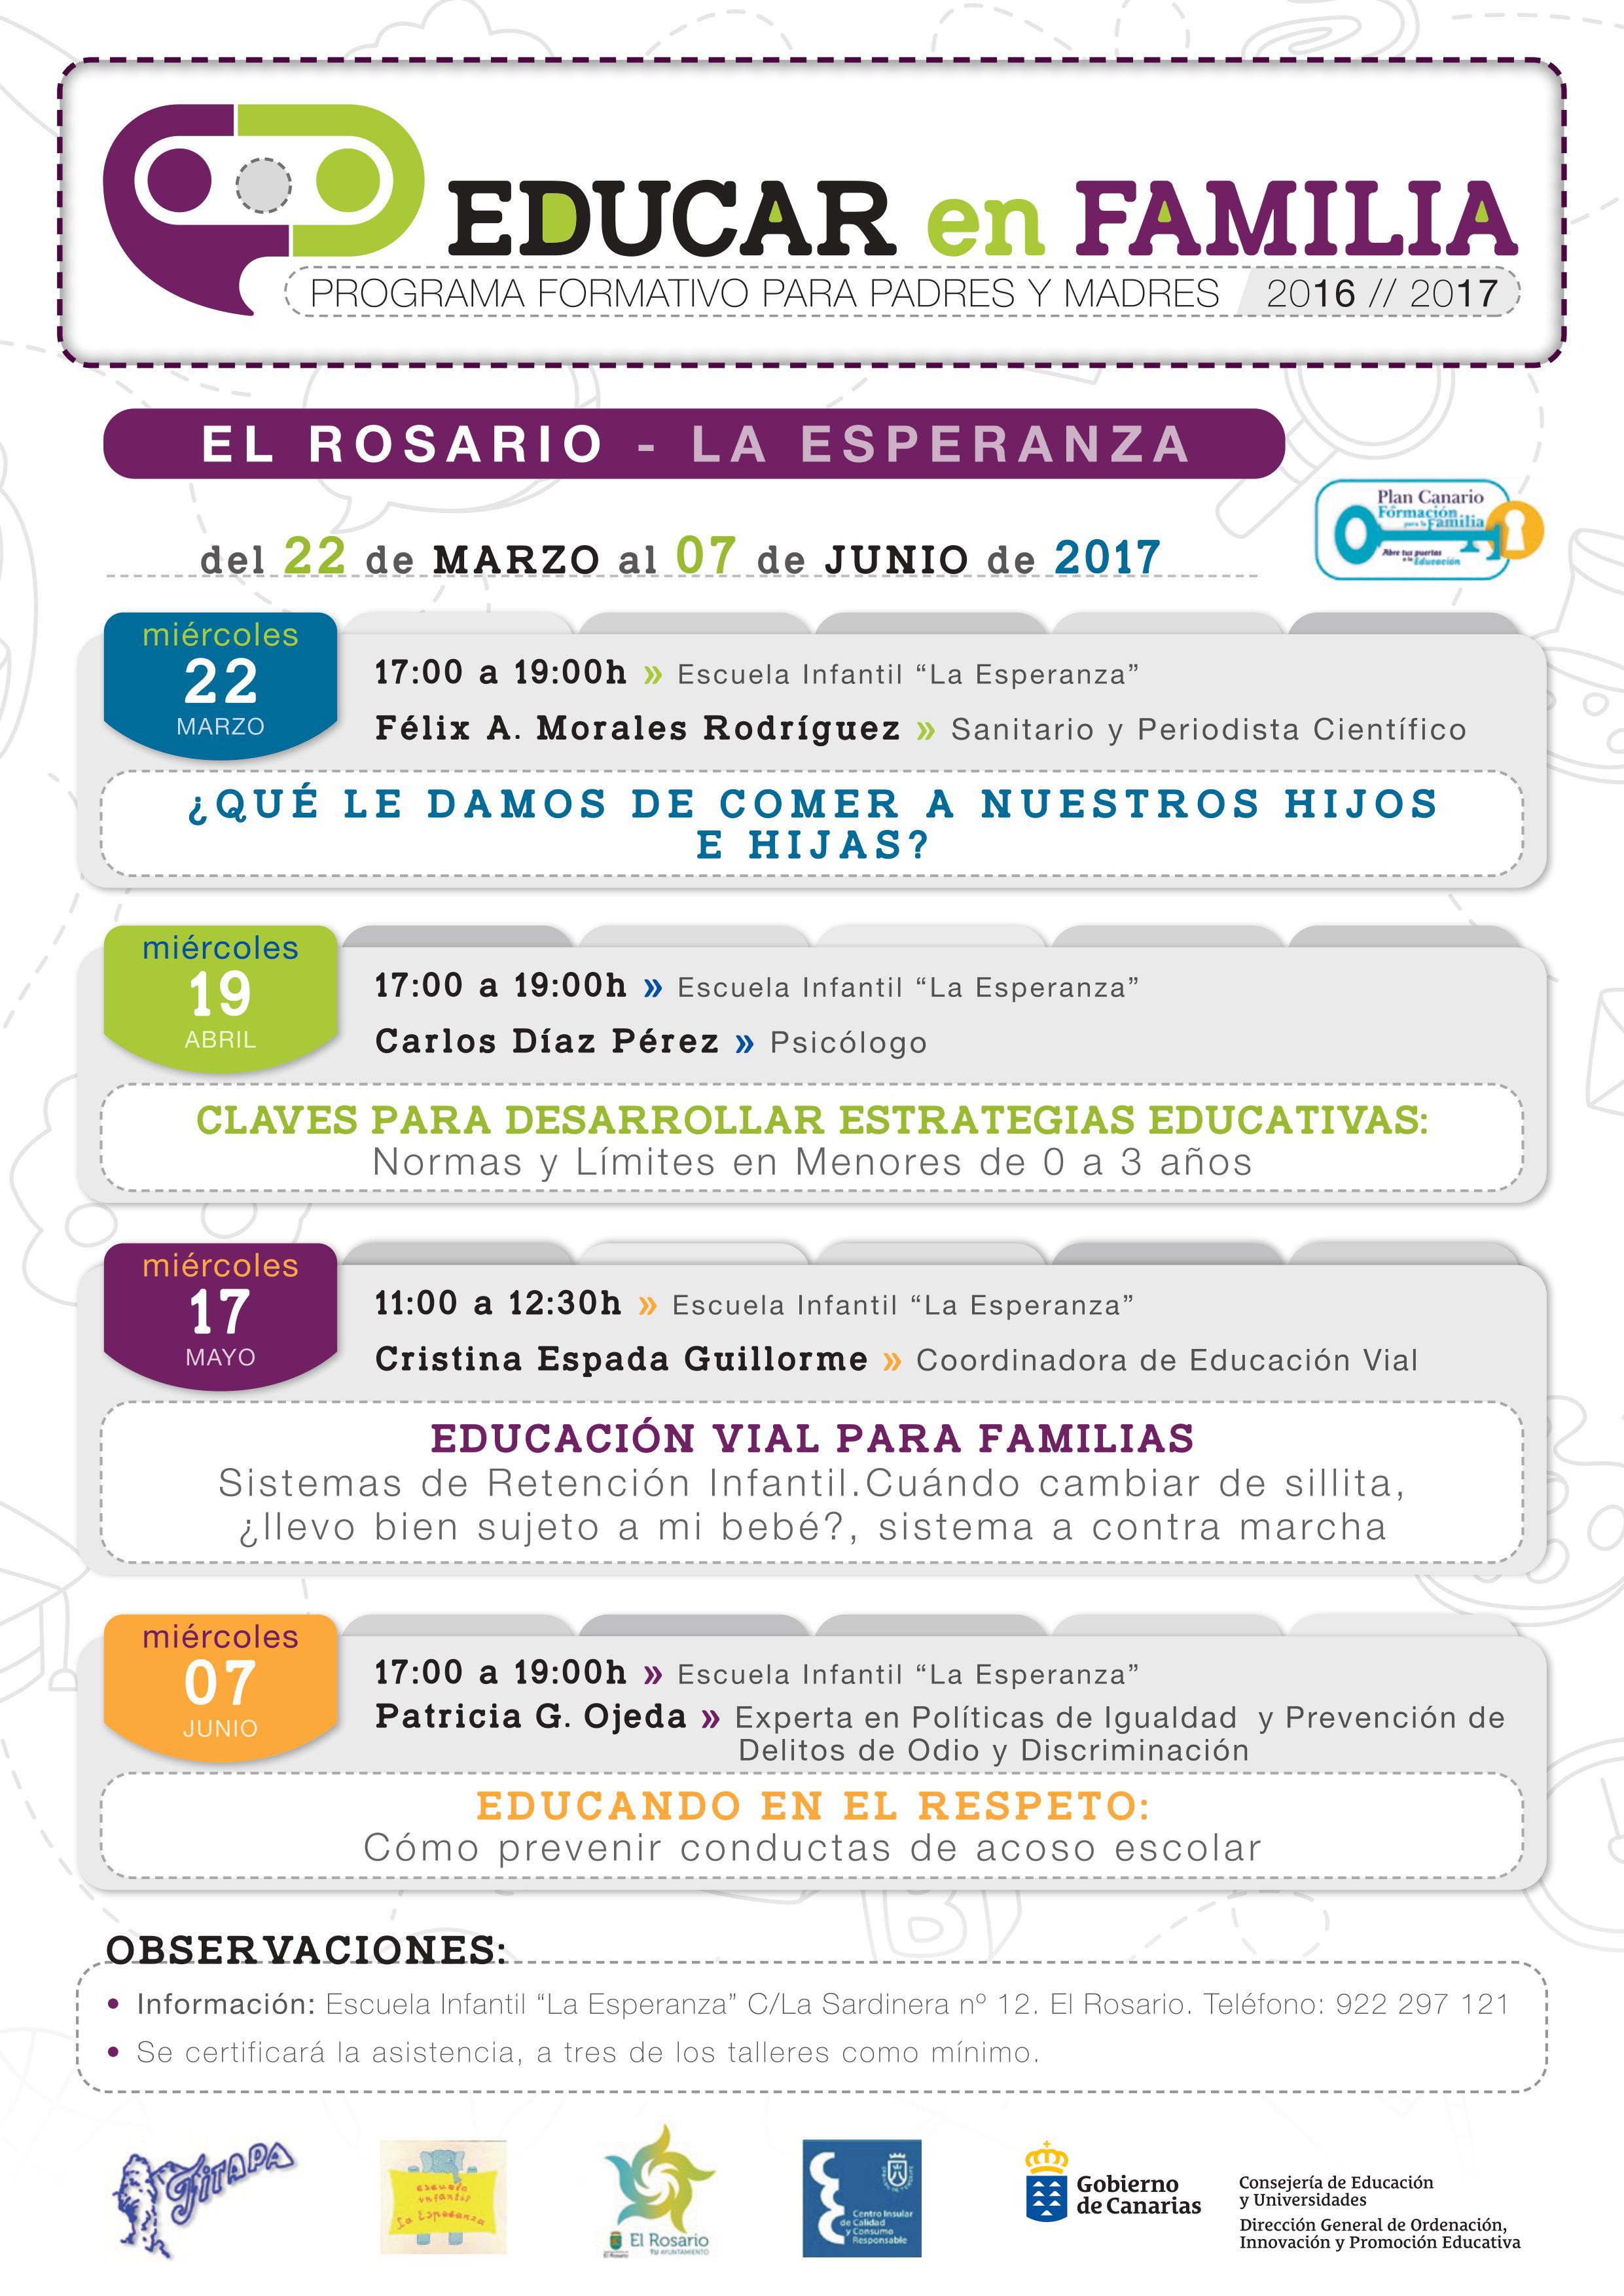 Educar en Familia 16-17. El Rosario. La Esperanza.